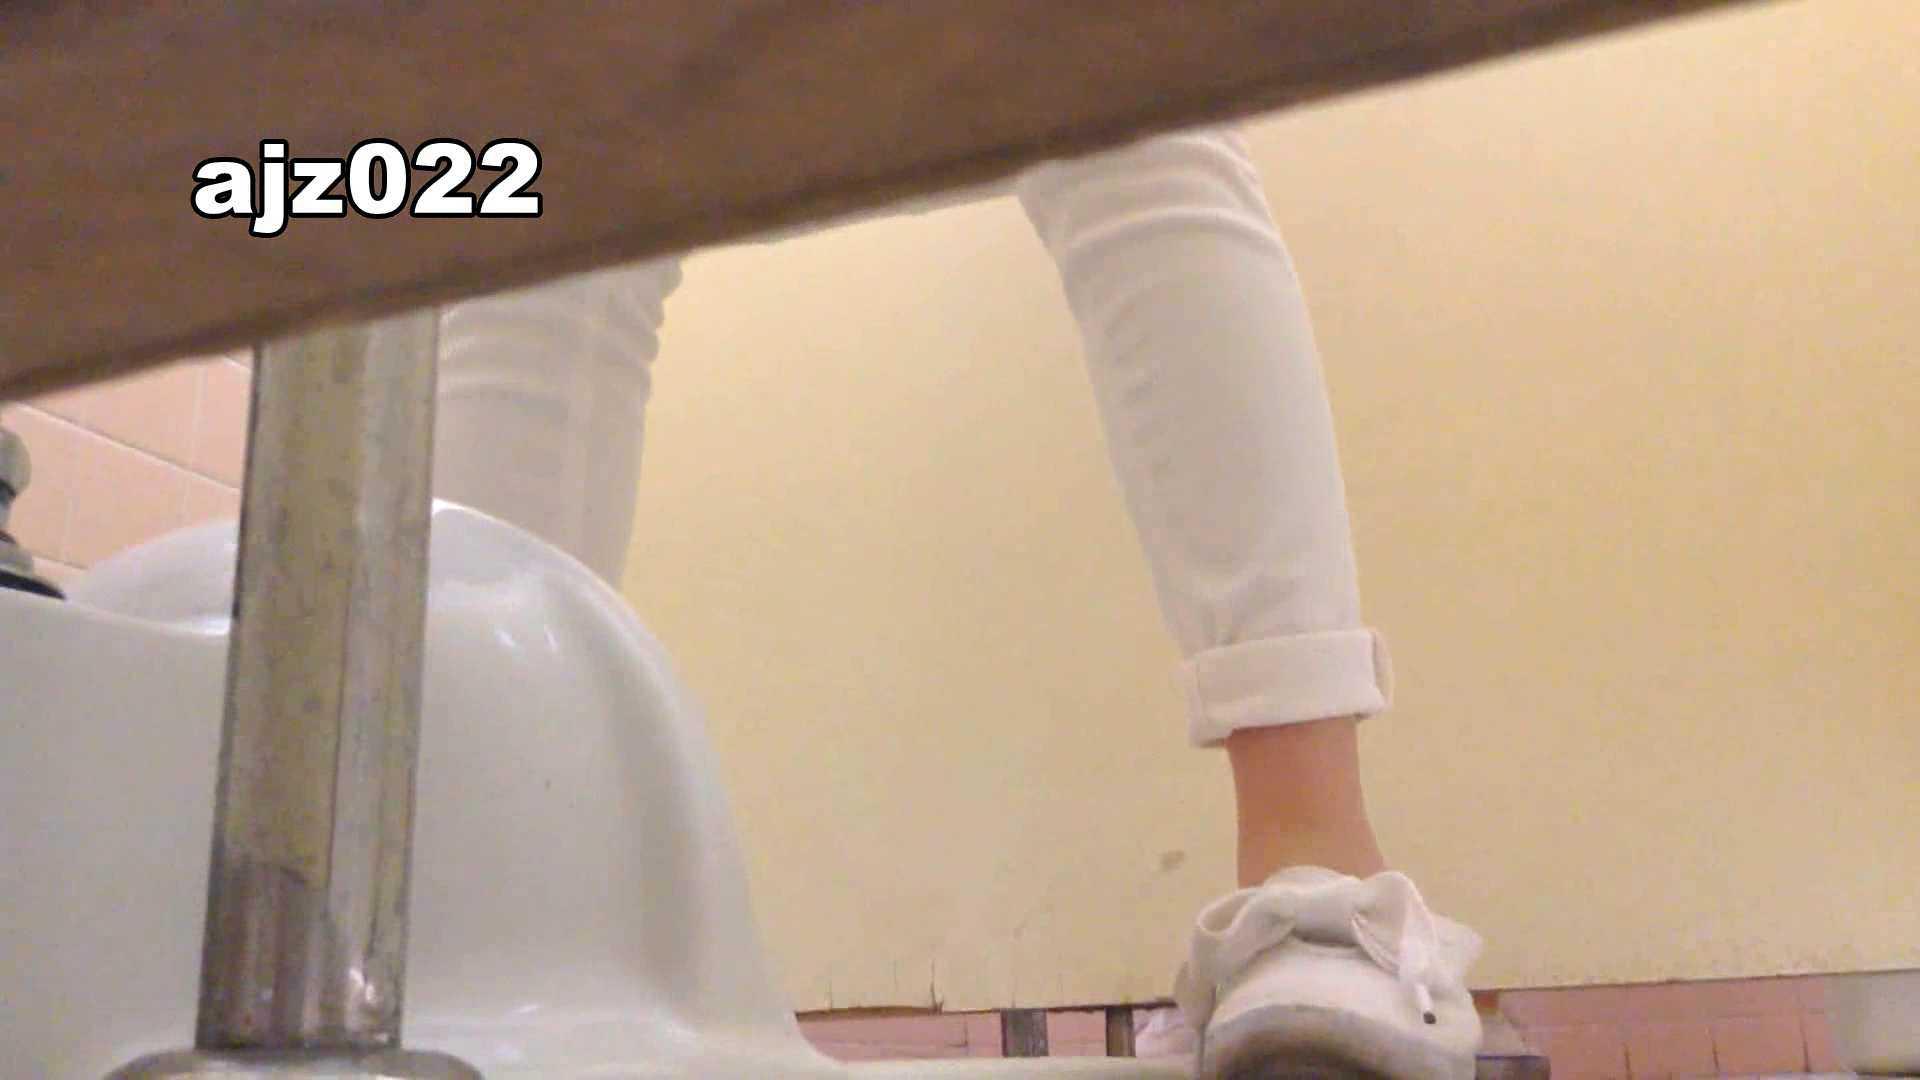 某有名大学女性洗面所 vol.22 排泄  78PIX 37